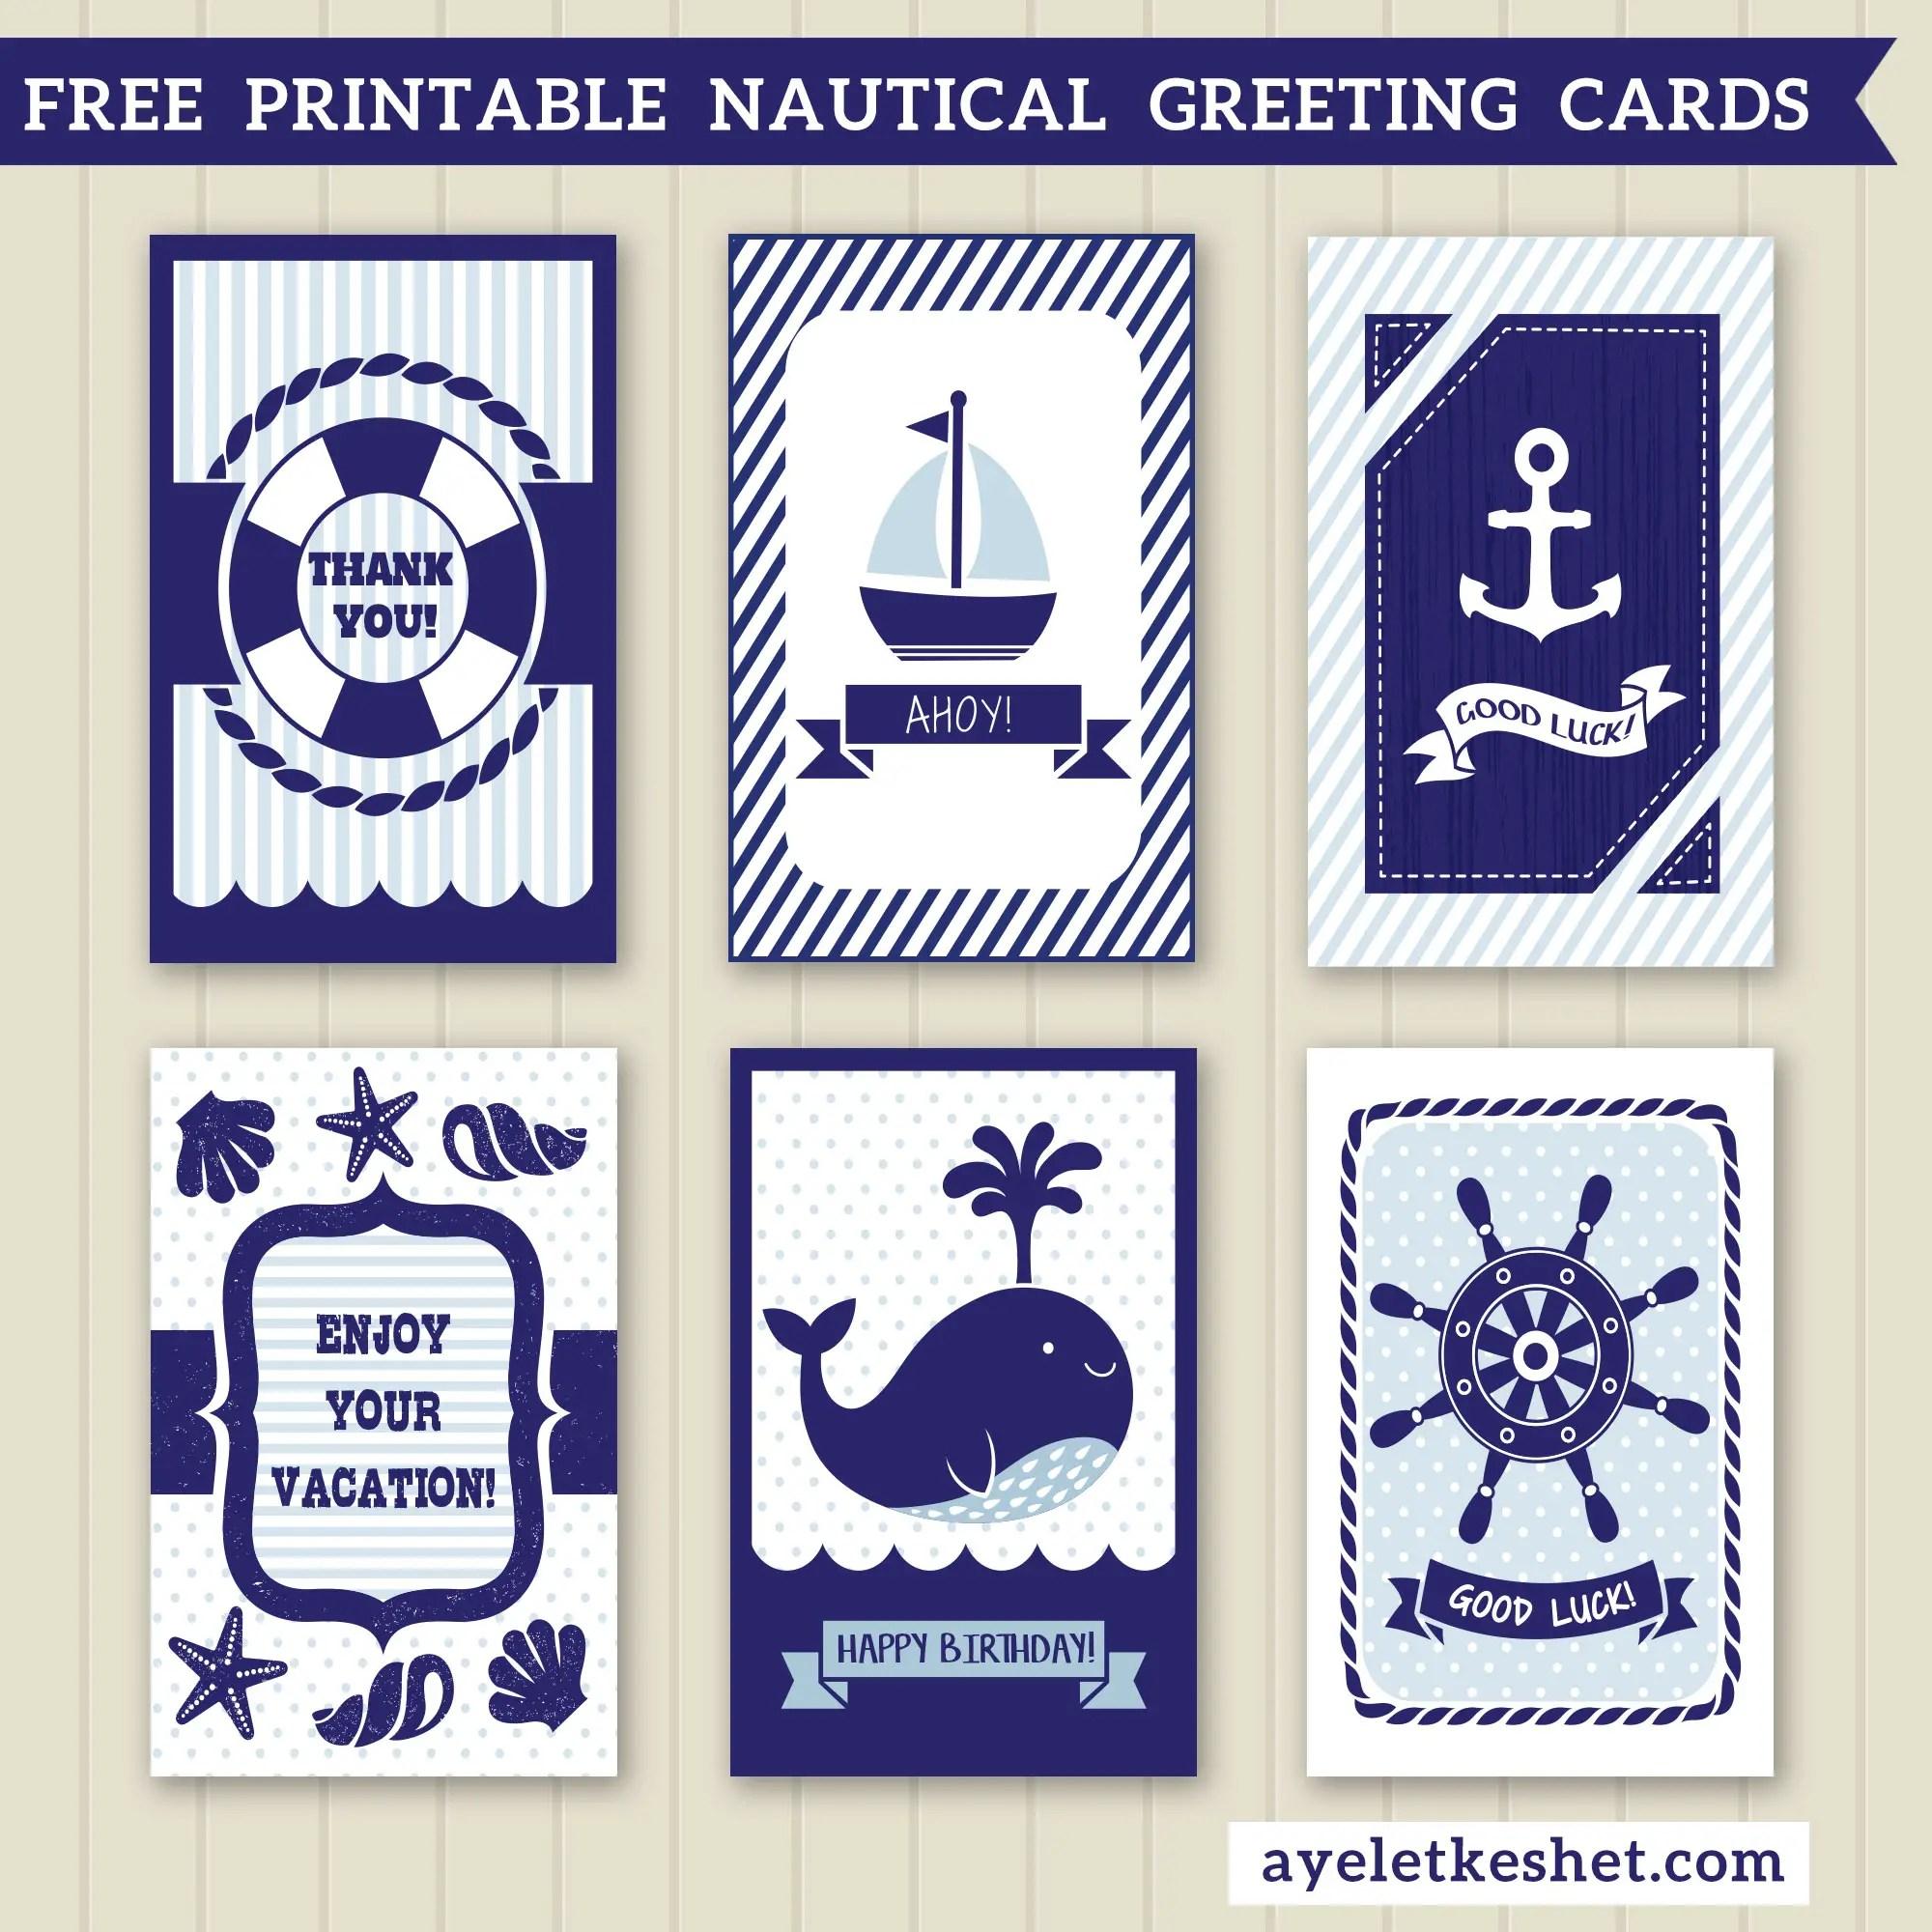 Free Printable Nautical Design Greeting Cards Ayelet Keshet